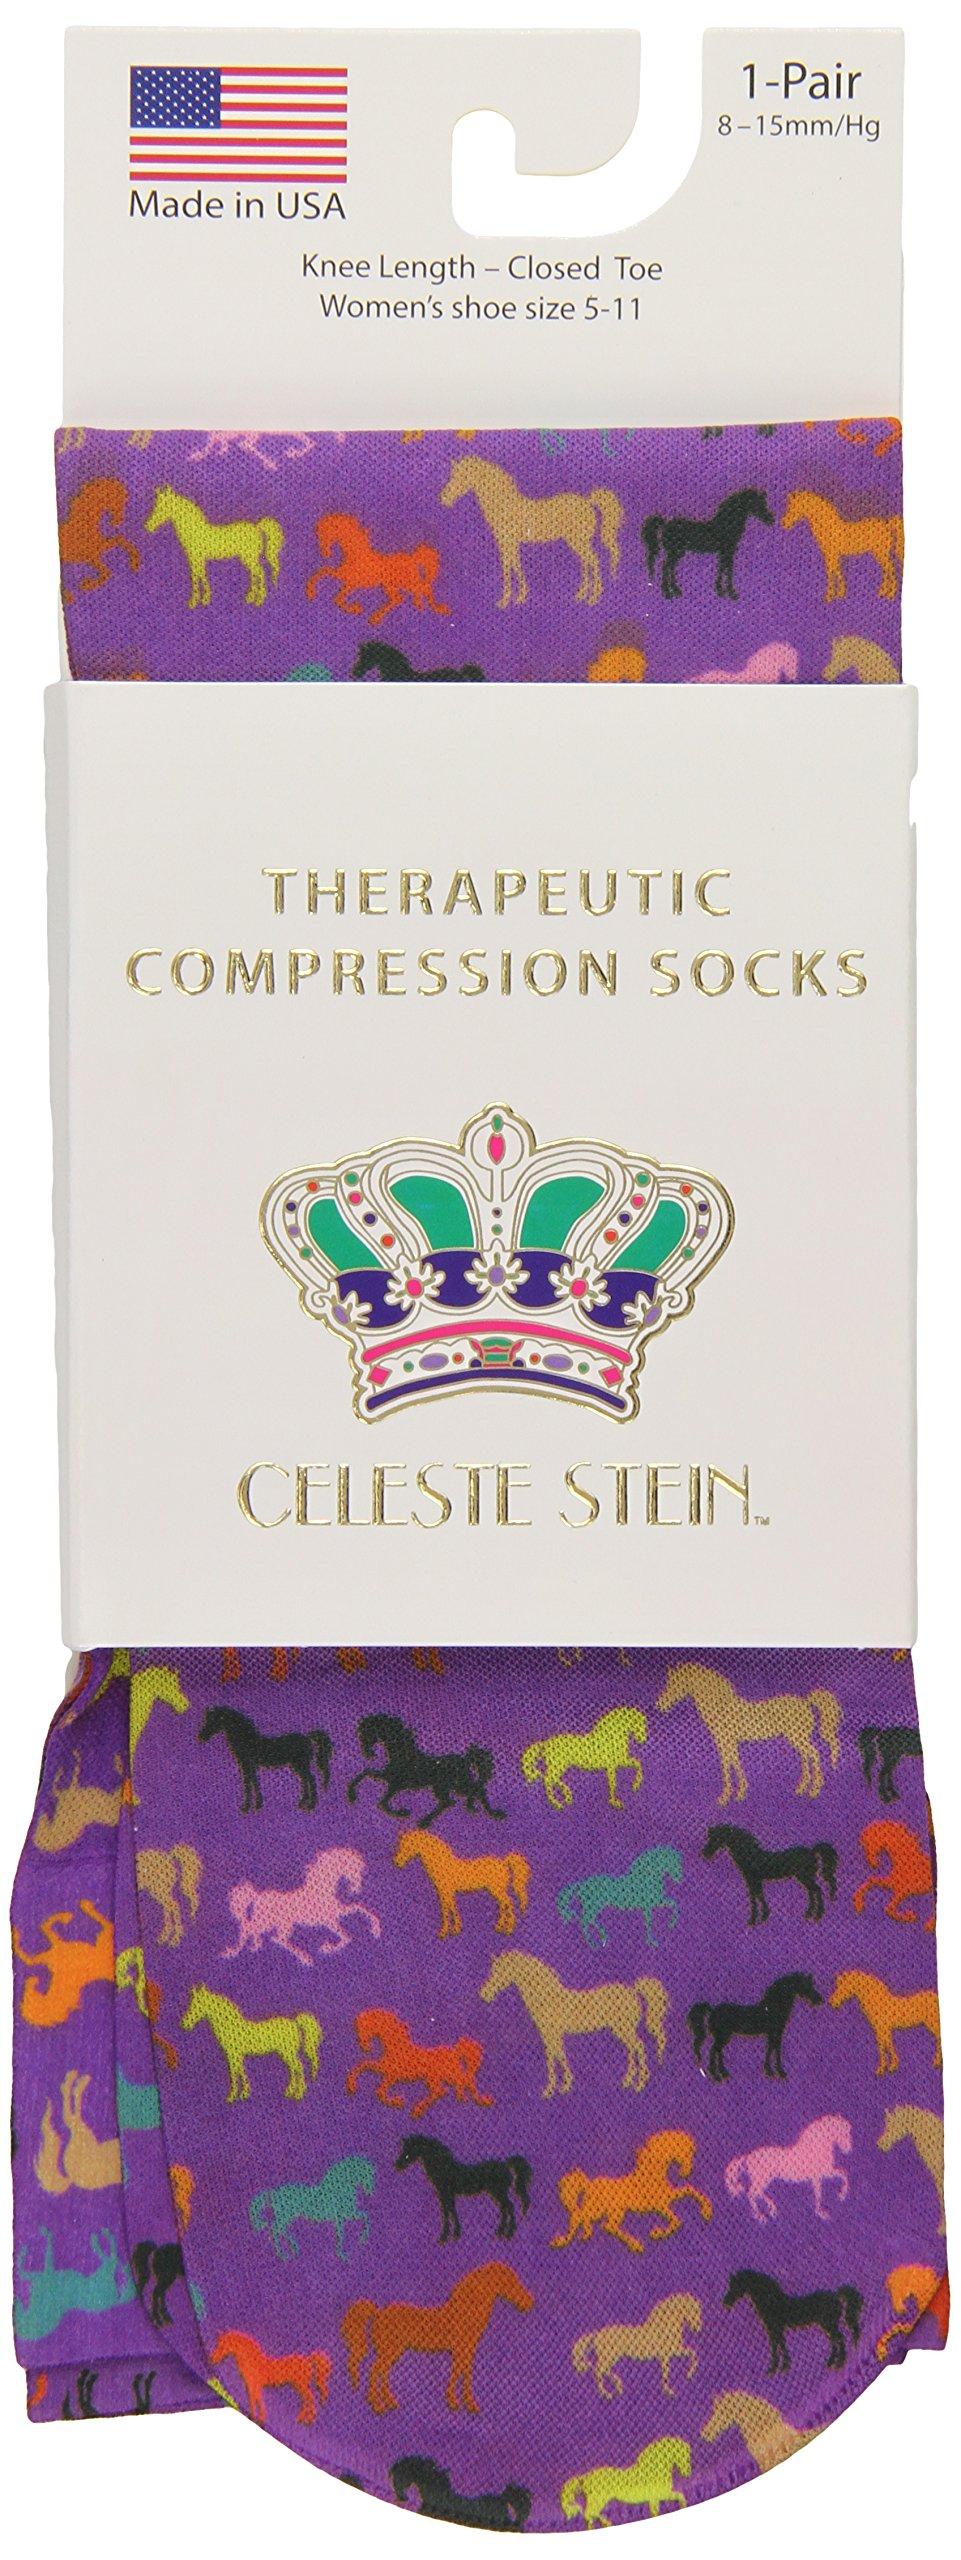 Celeste Stein Therapeutic Compression Socks, Multi Horses, 8-15 mmhg.6 Ounce